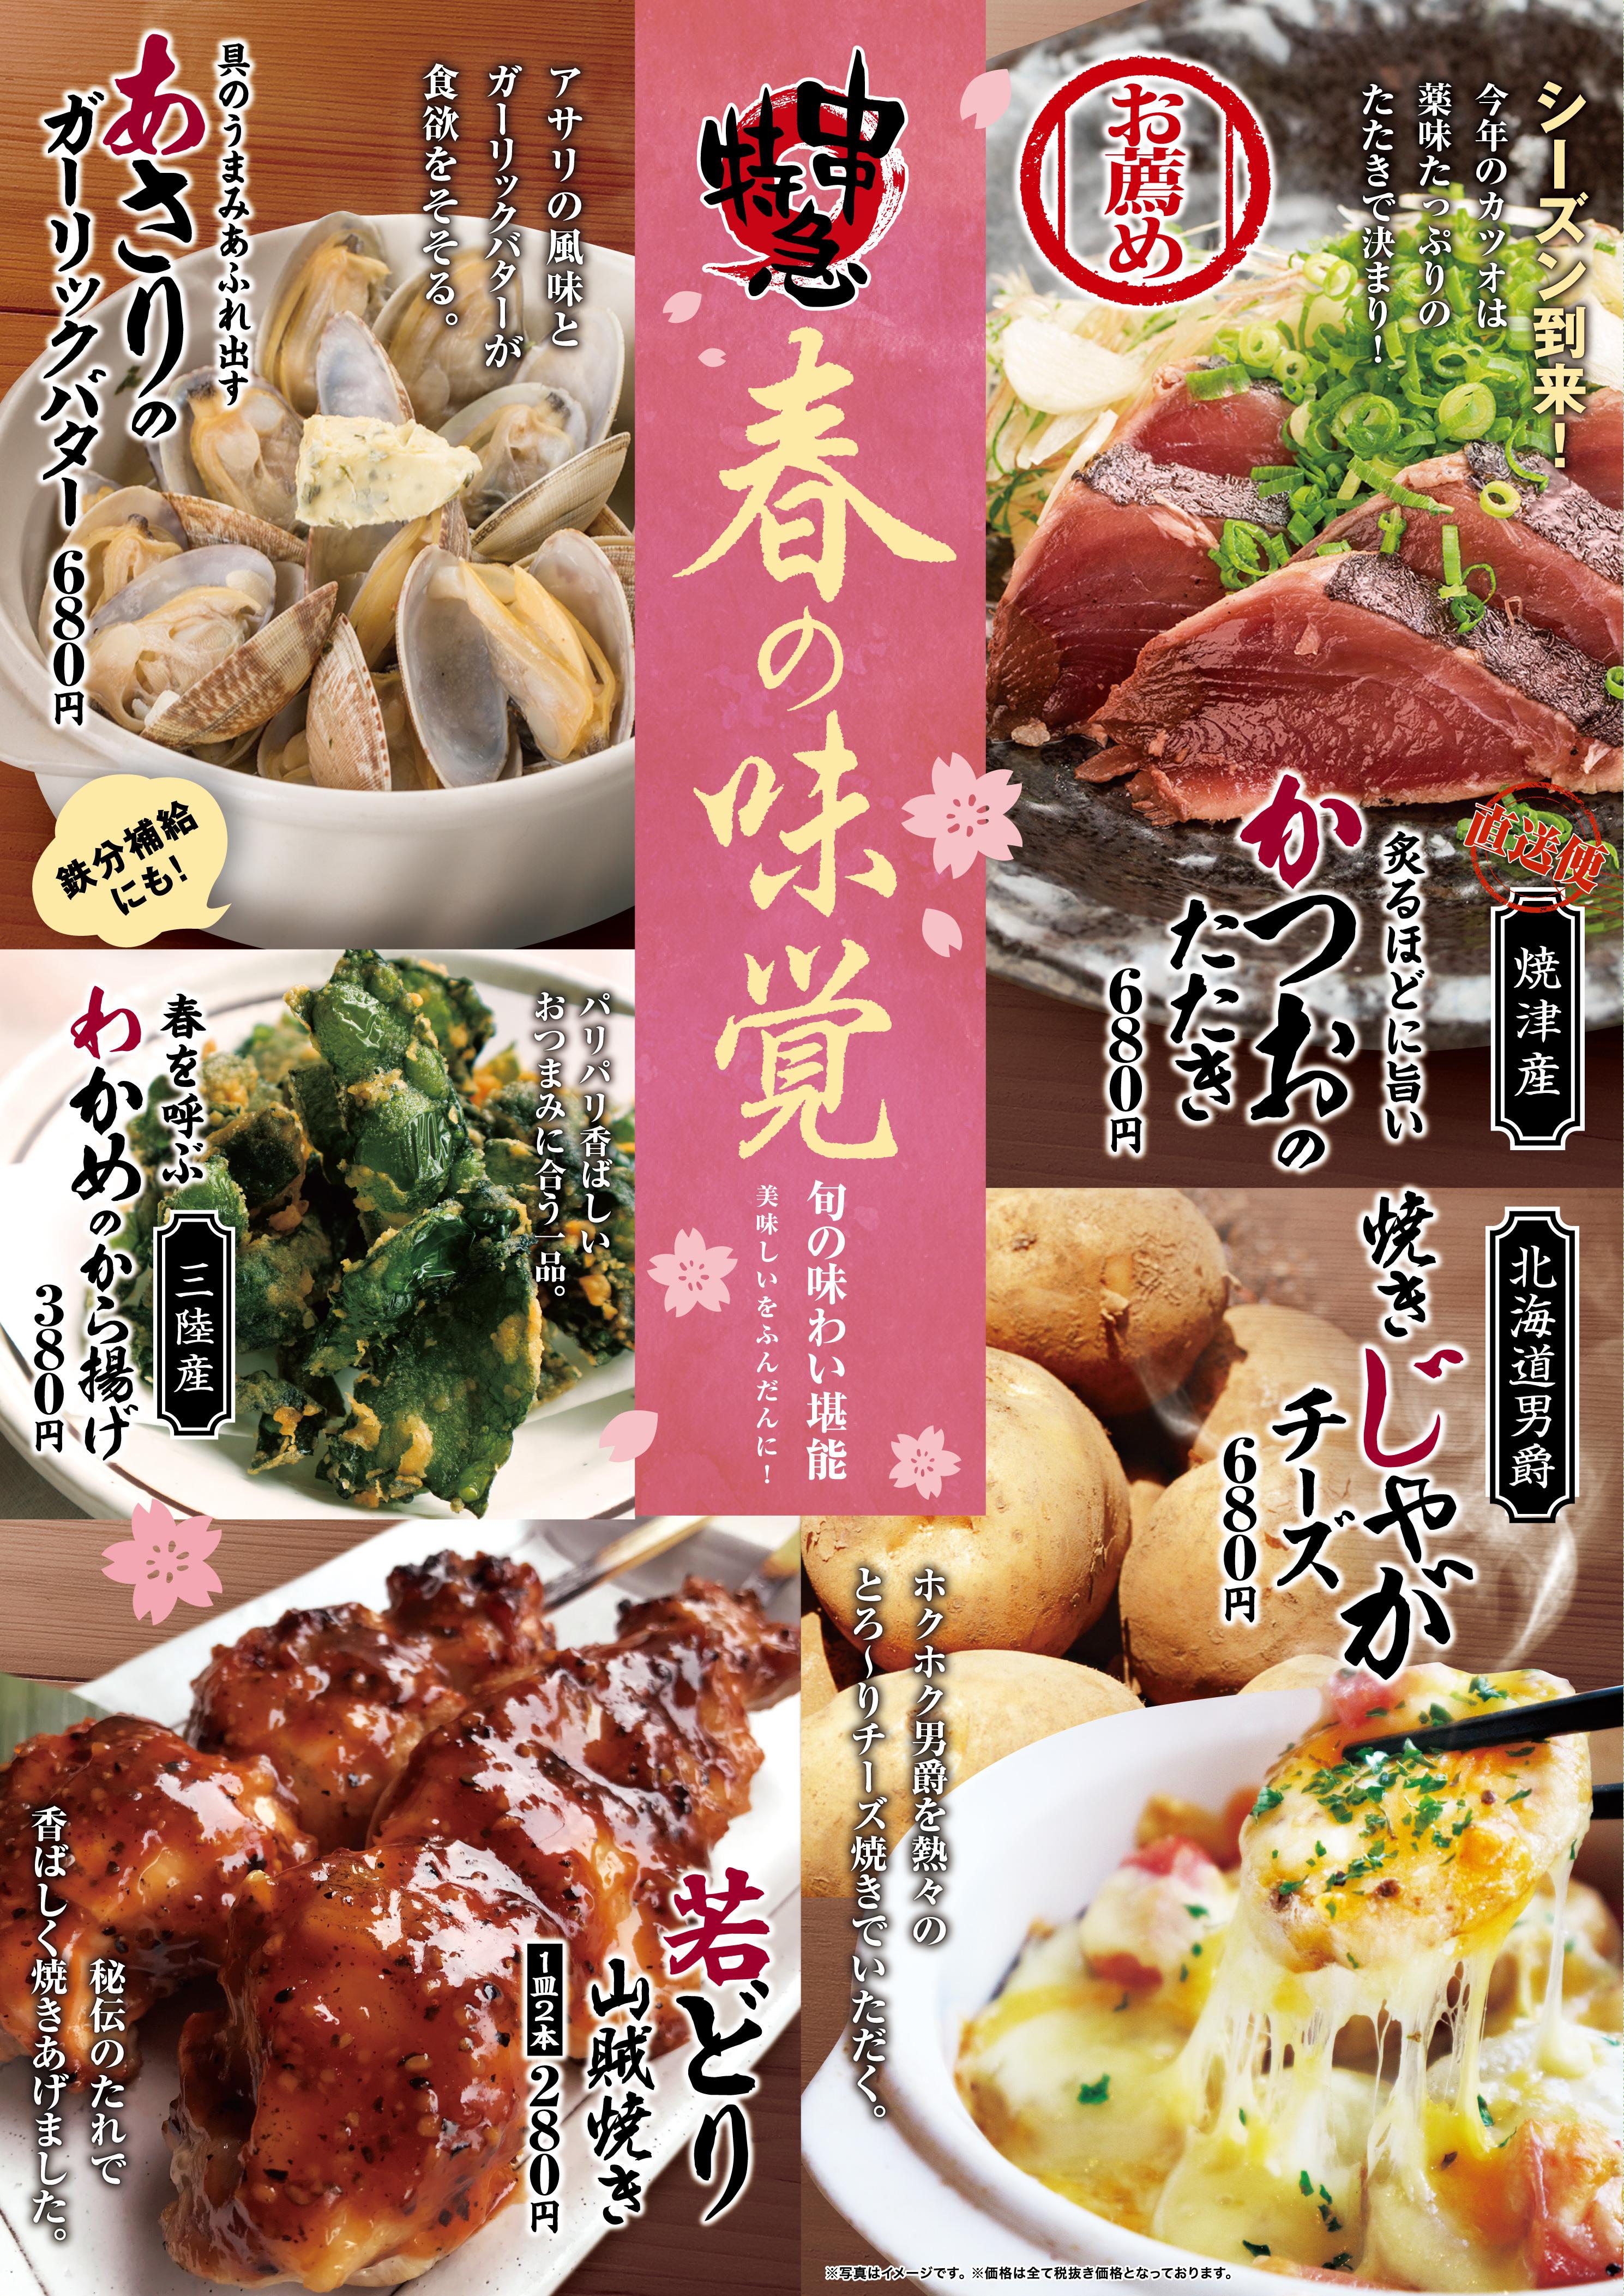 3月2日より期間限定「春の味覚おすすめメニュー」がスタート!!